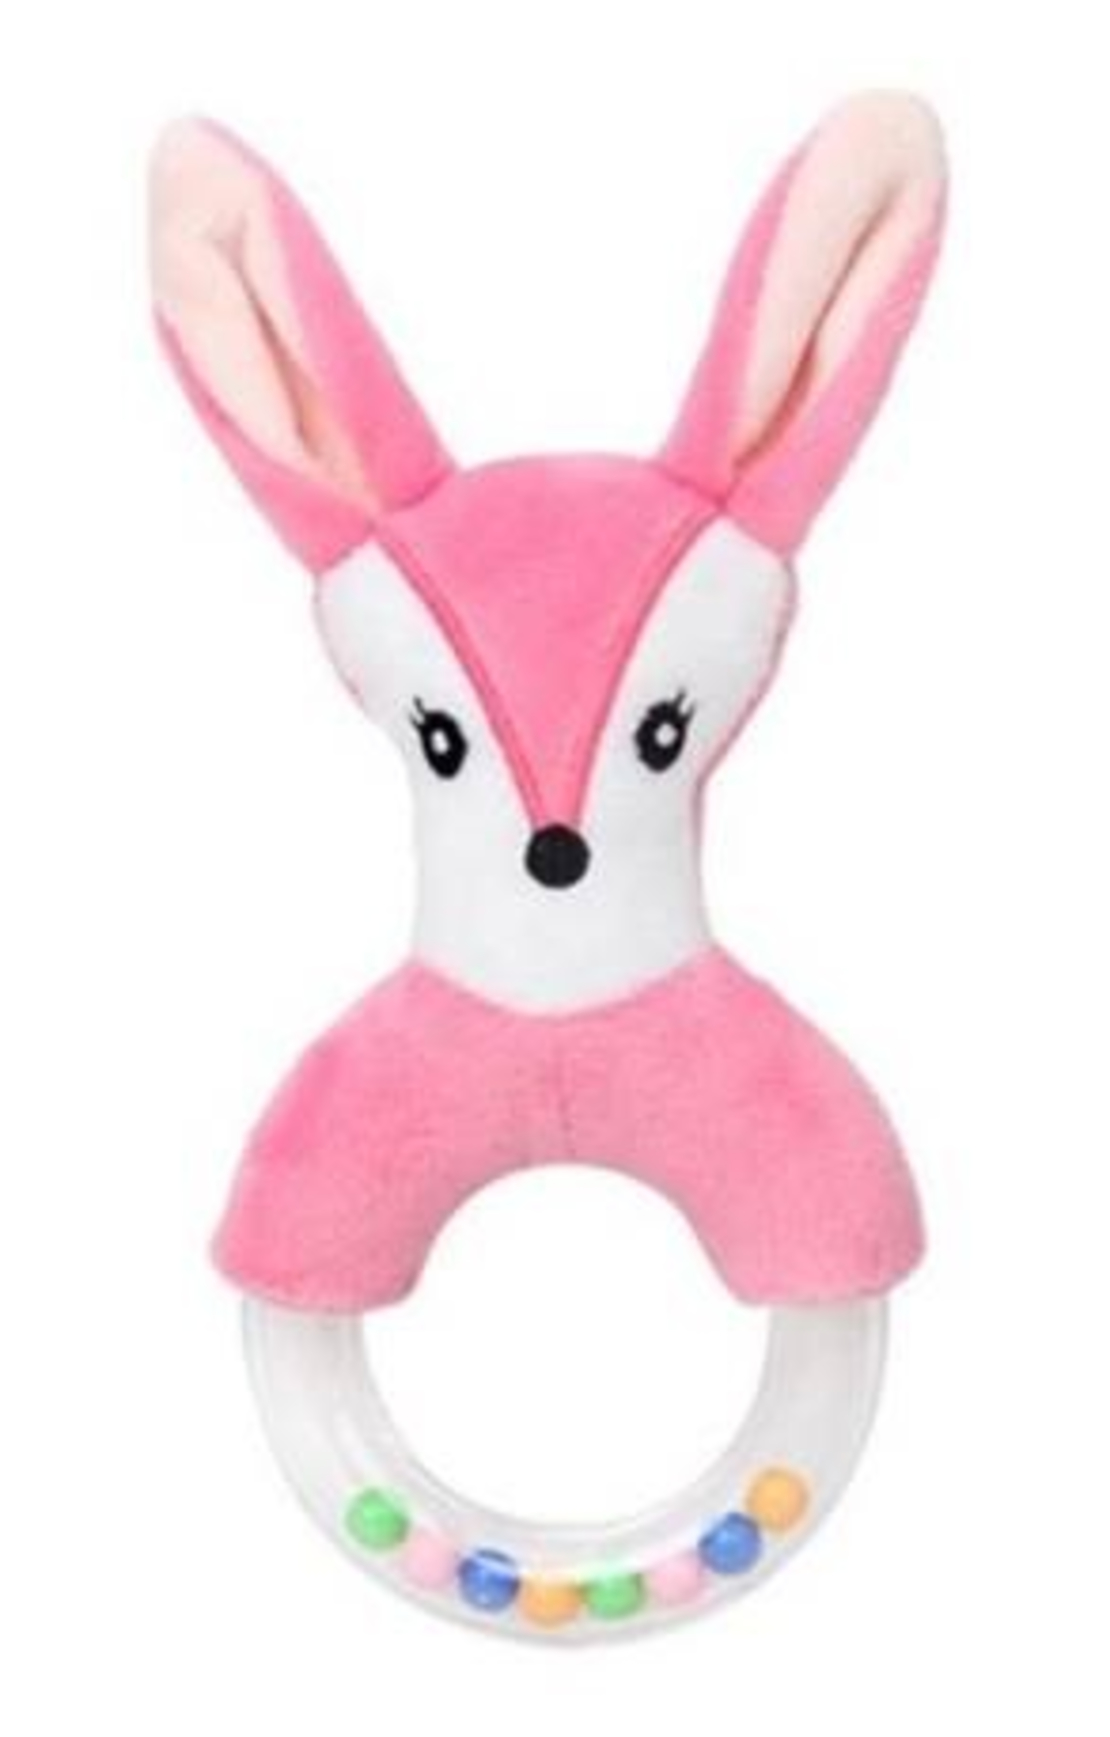 17# - אהבת אם לבת : ספר בד, שמיכה, חיתולי טטרה, בובה נתלית אינטראקטיבית, כובע ורעשן טבעת בקופסת צעצועים